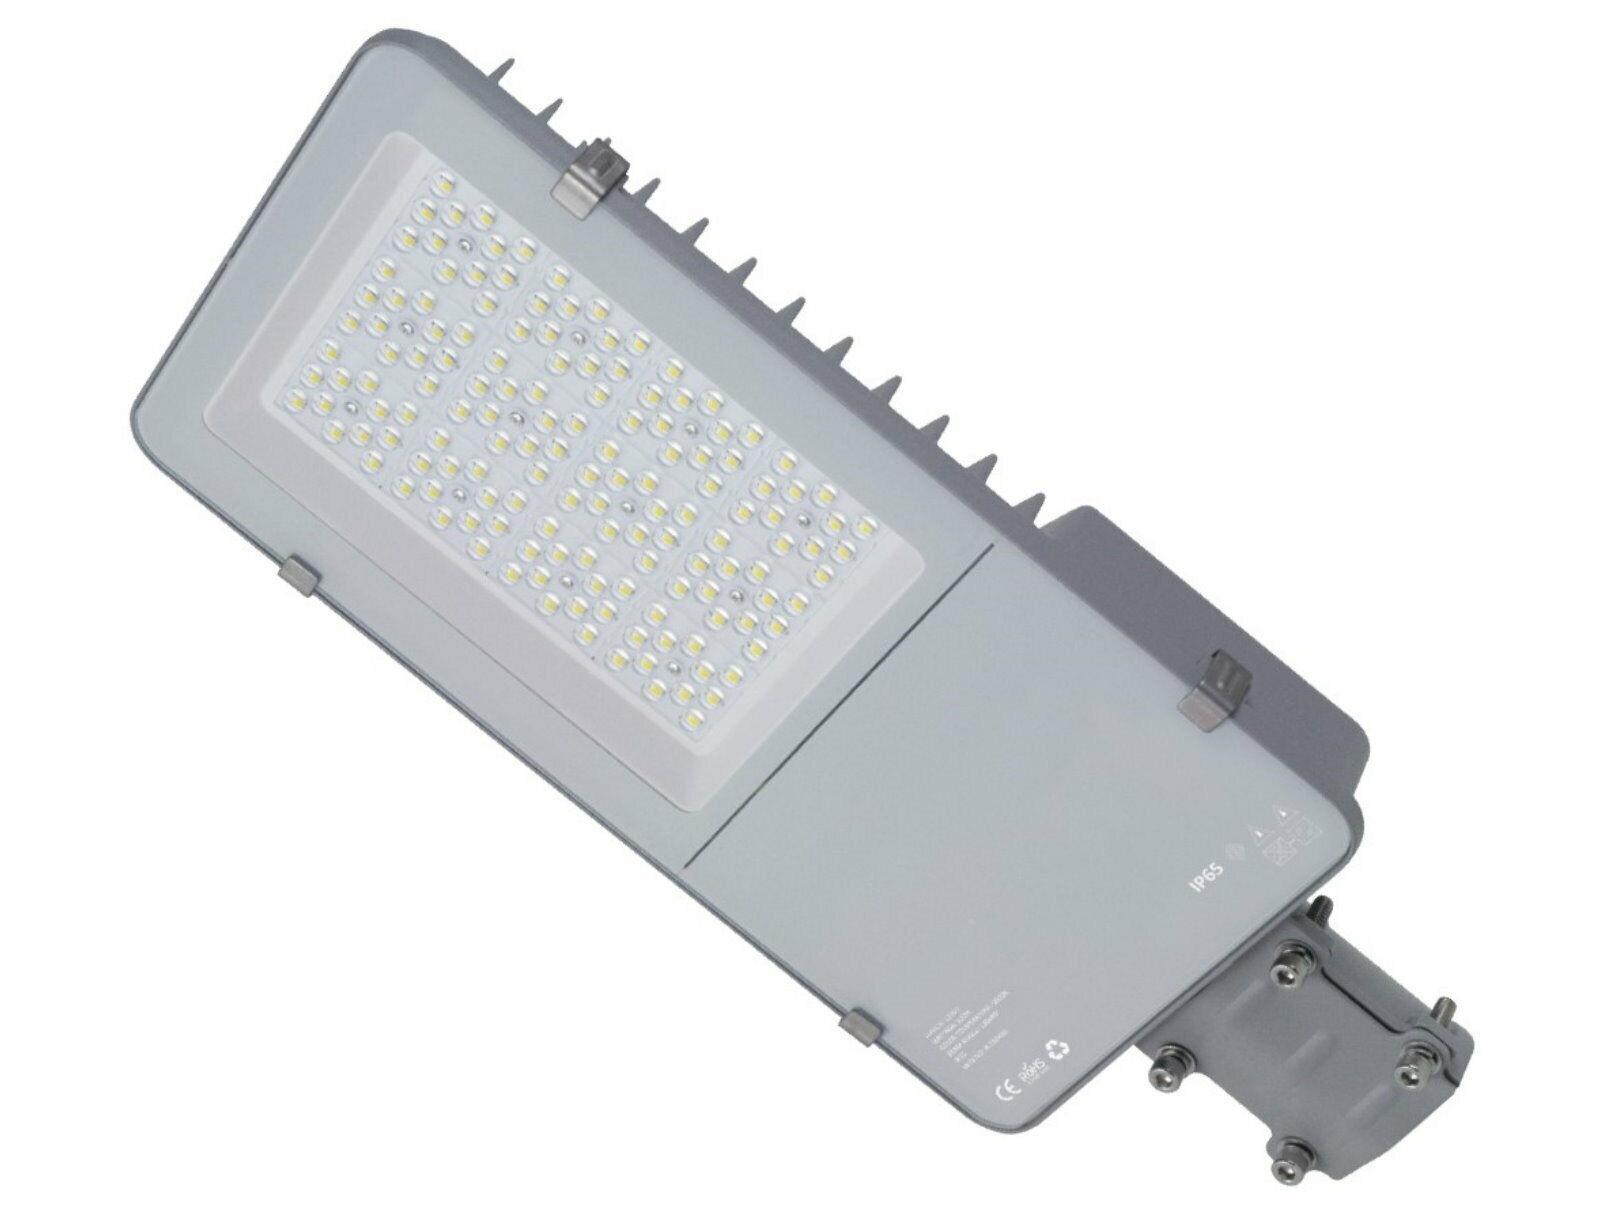 LED HighBay Slim Strassenleuchte Wandstrahler IP65 150W 18000lm - kaltweiß 6000K